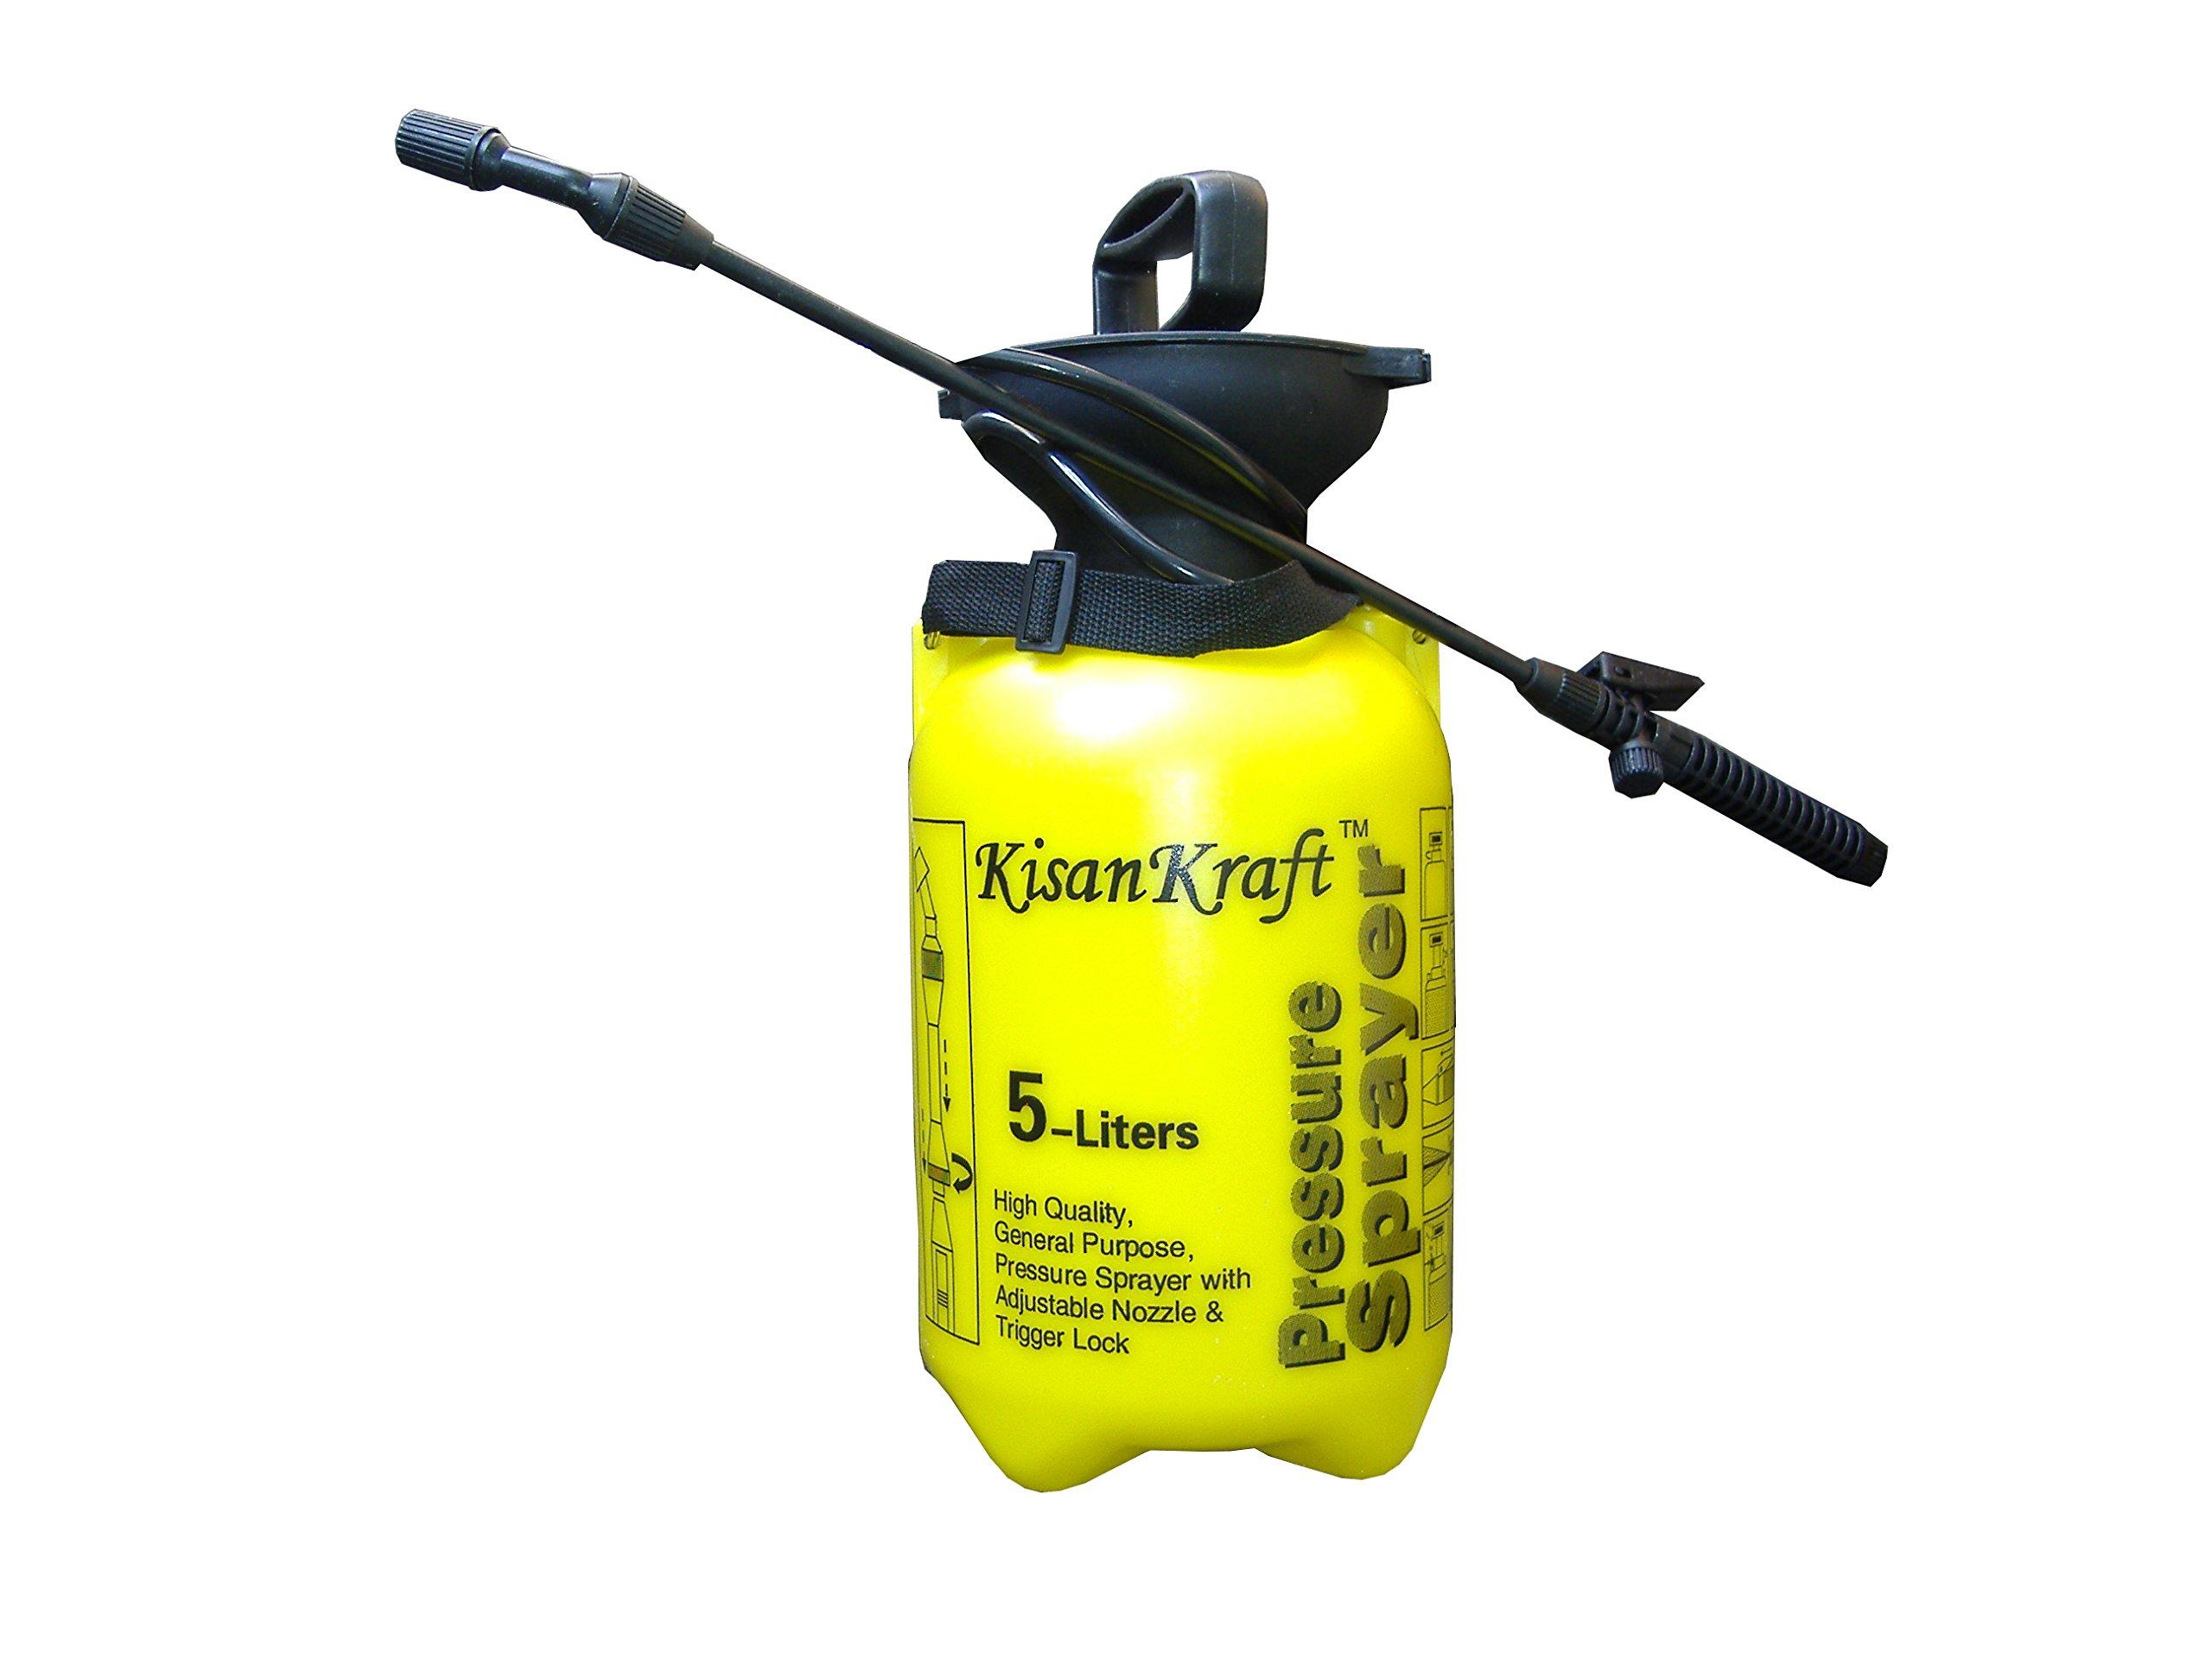 Kisan Kraft Hand Pressure Sprayer 5 Liter Compressed Air Sprayer Garden Sprayer product image